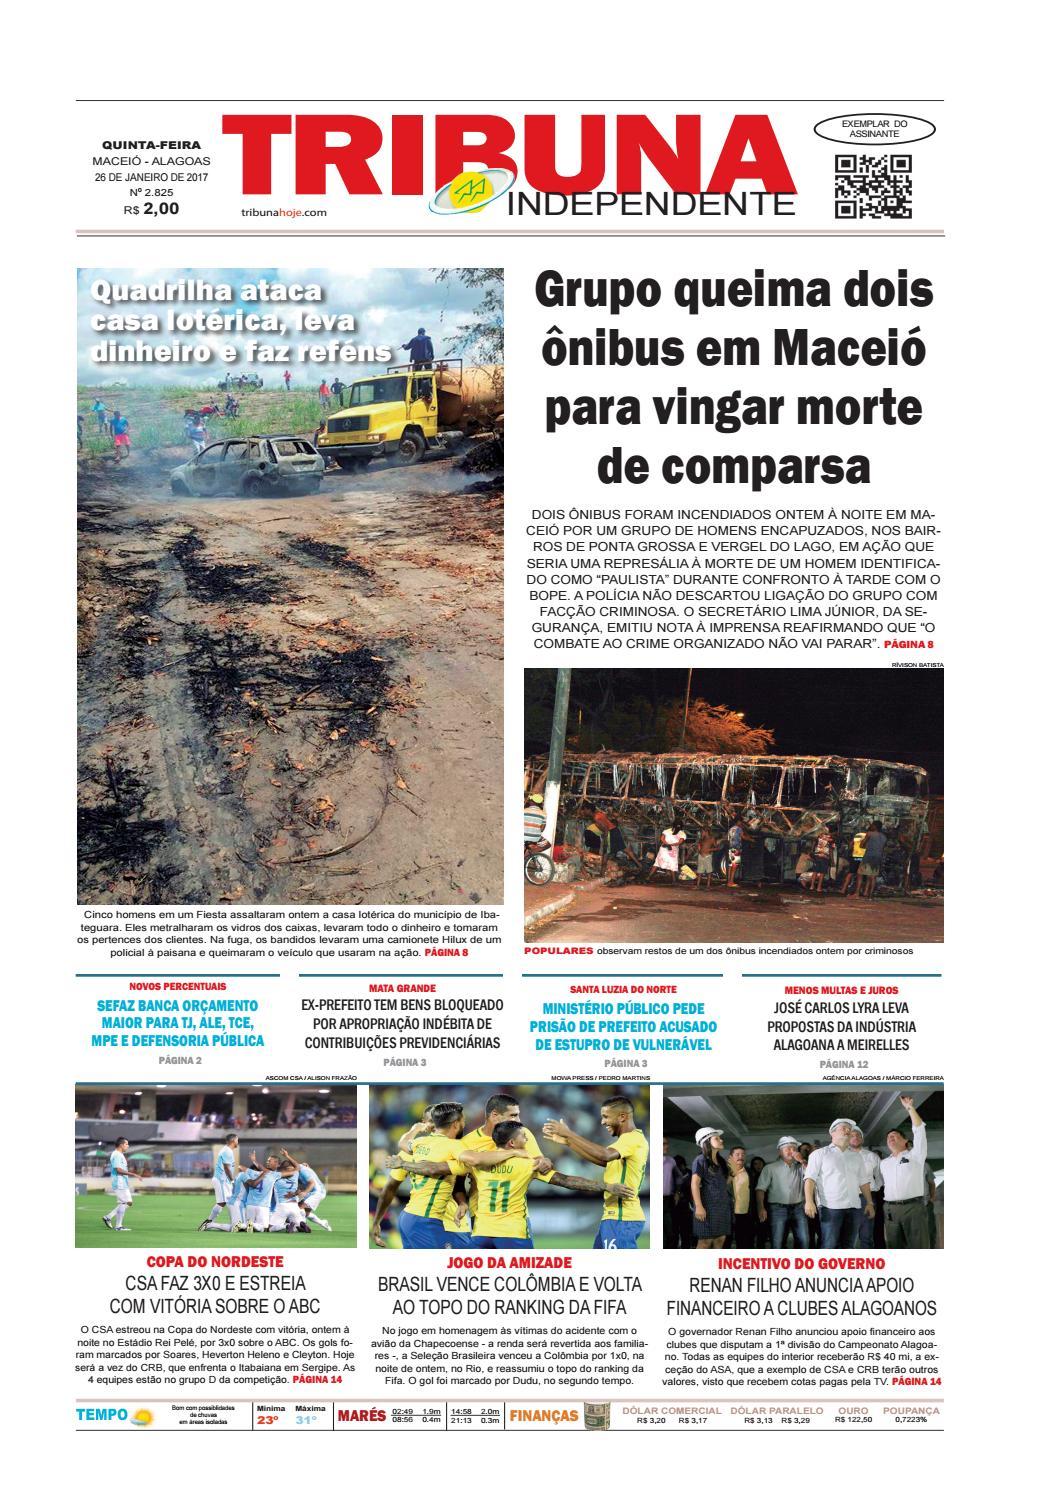 e8a91e84ac317 Edição número 2825 - 26 de janeiro de 2017 by Tribuna Hoje - issuu